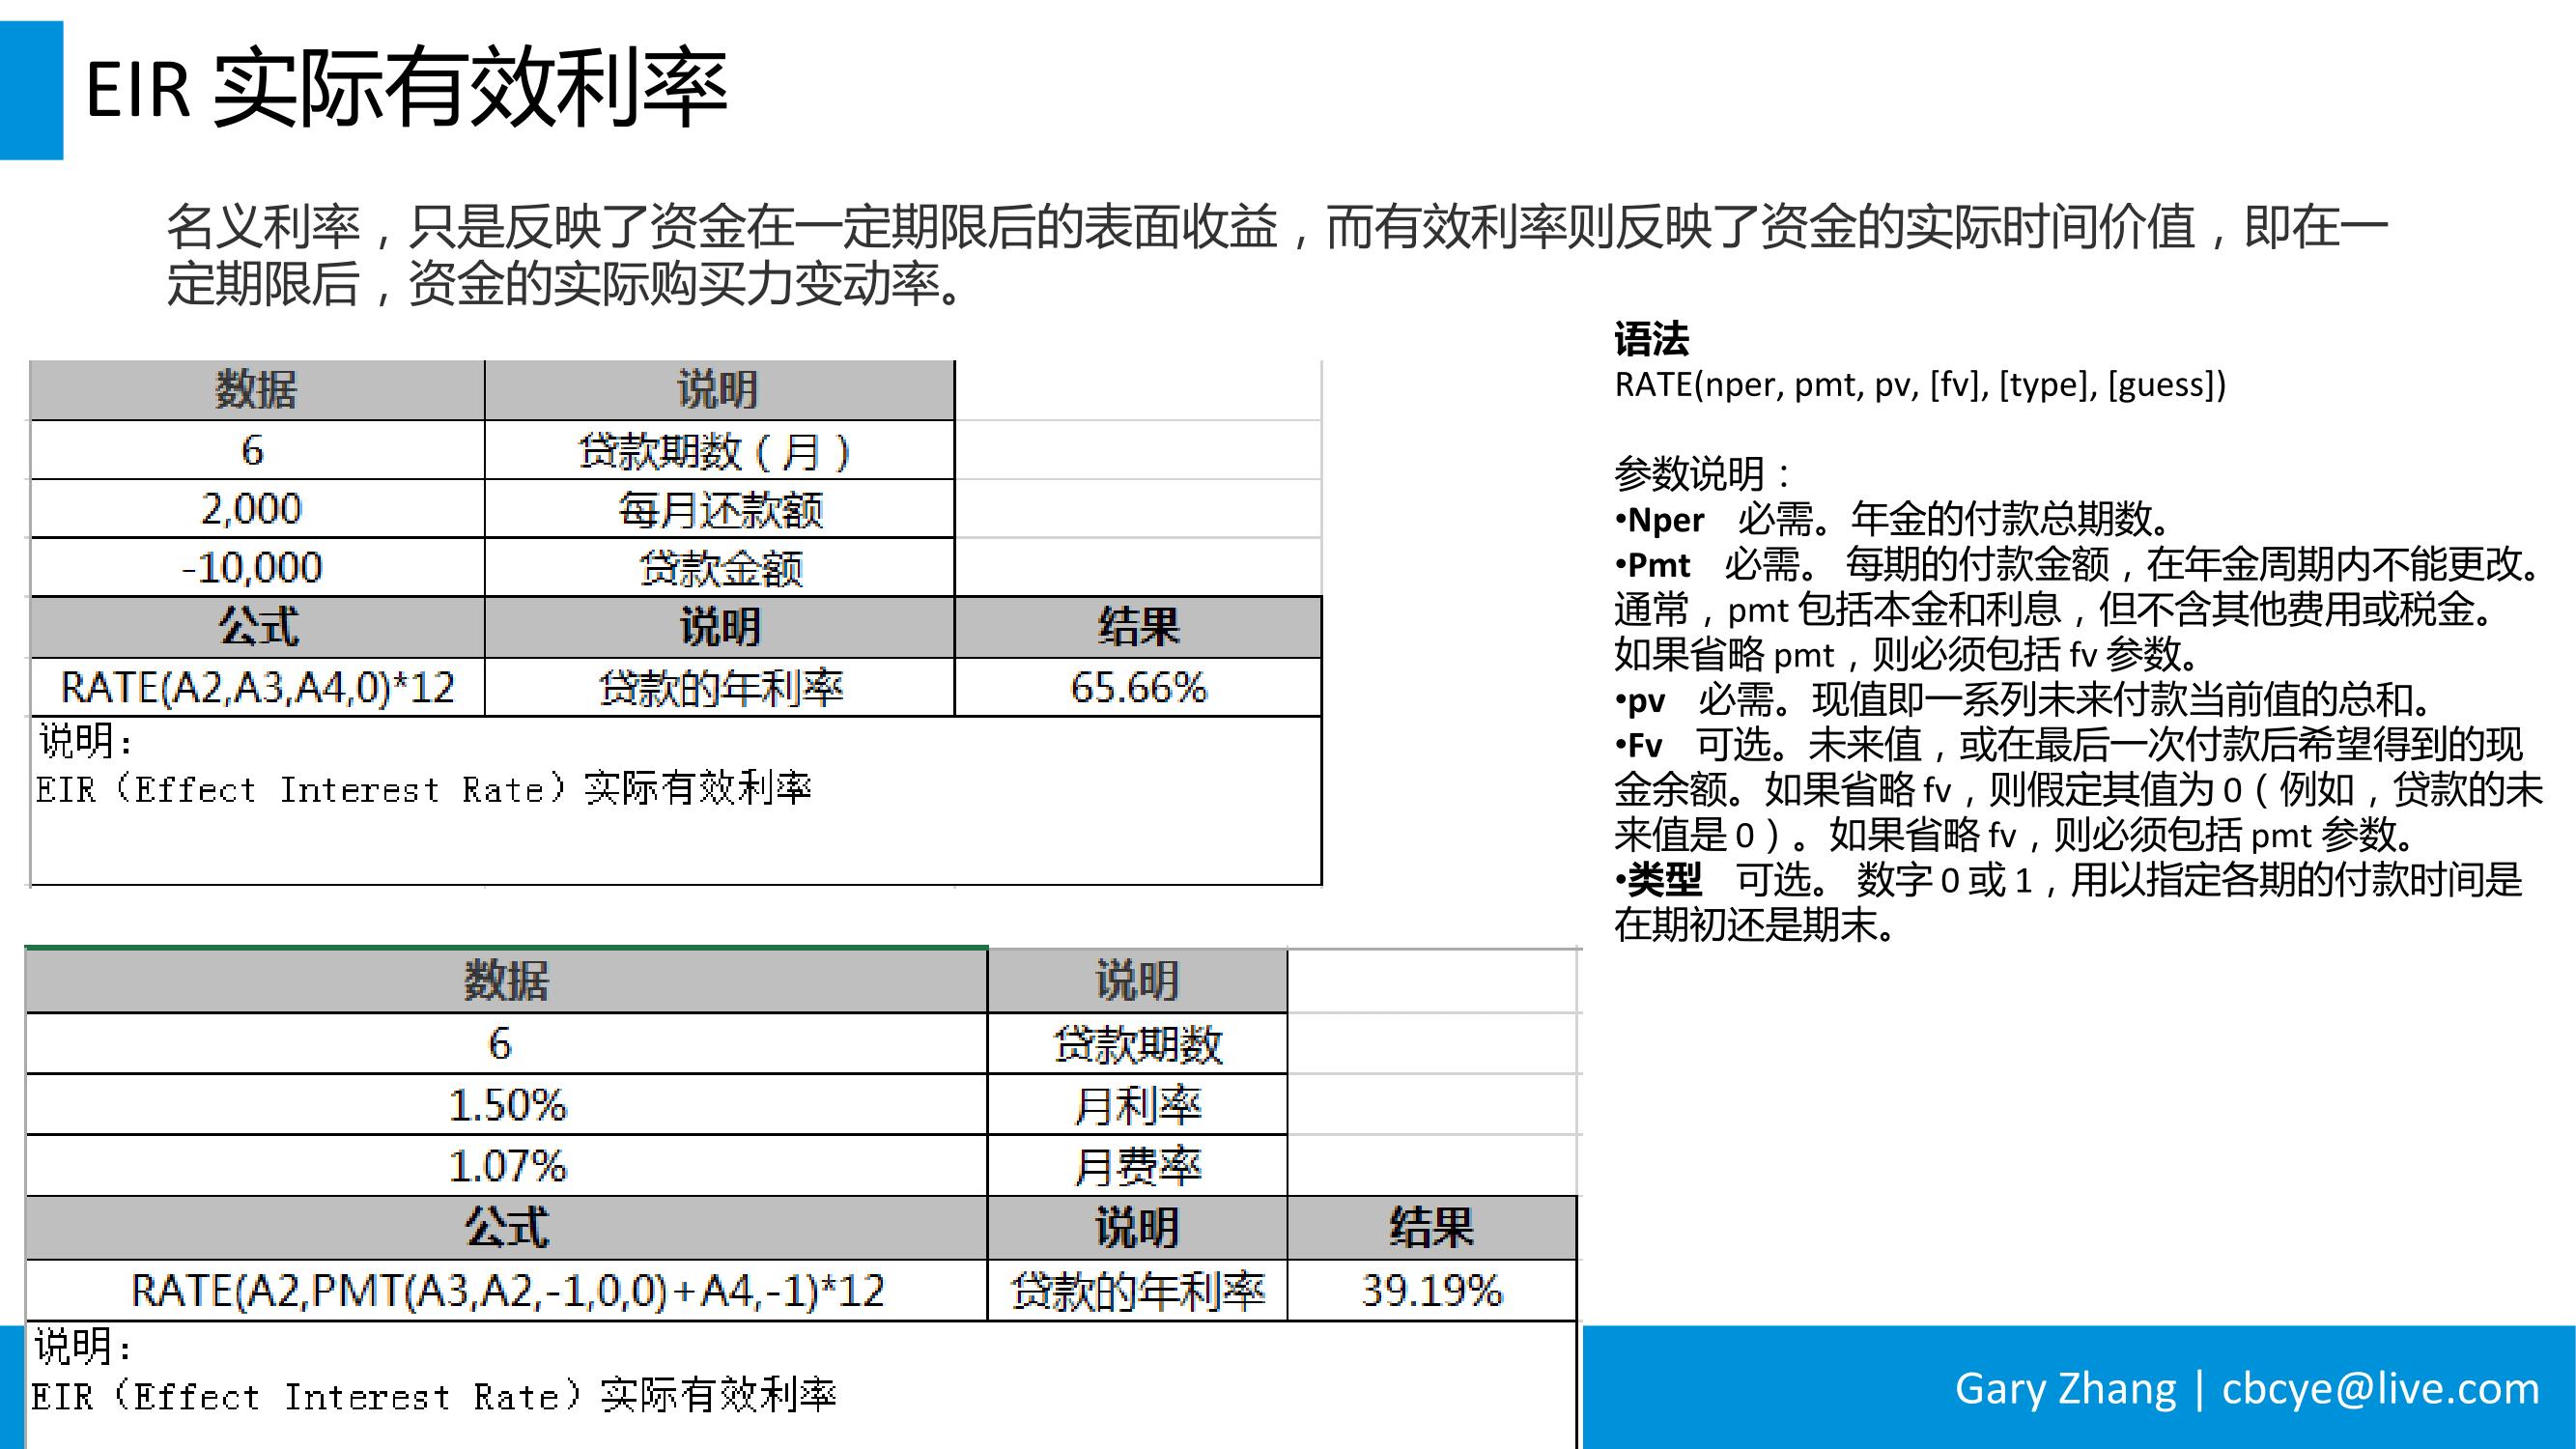 消费金融业务全流程指南_v1.0-071